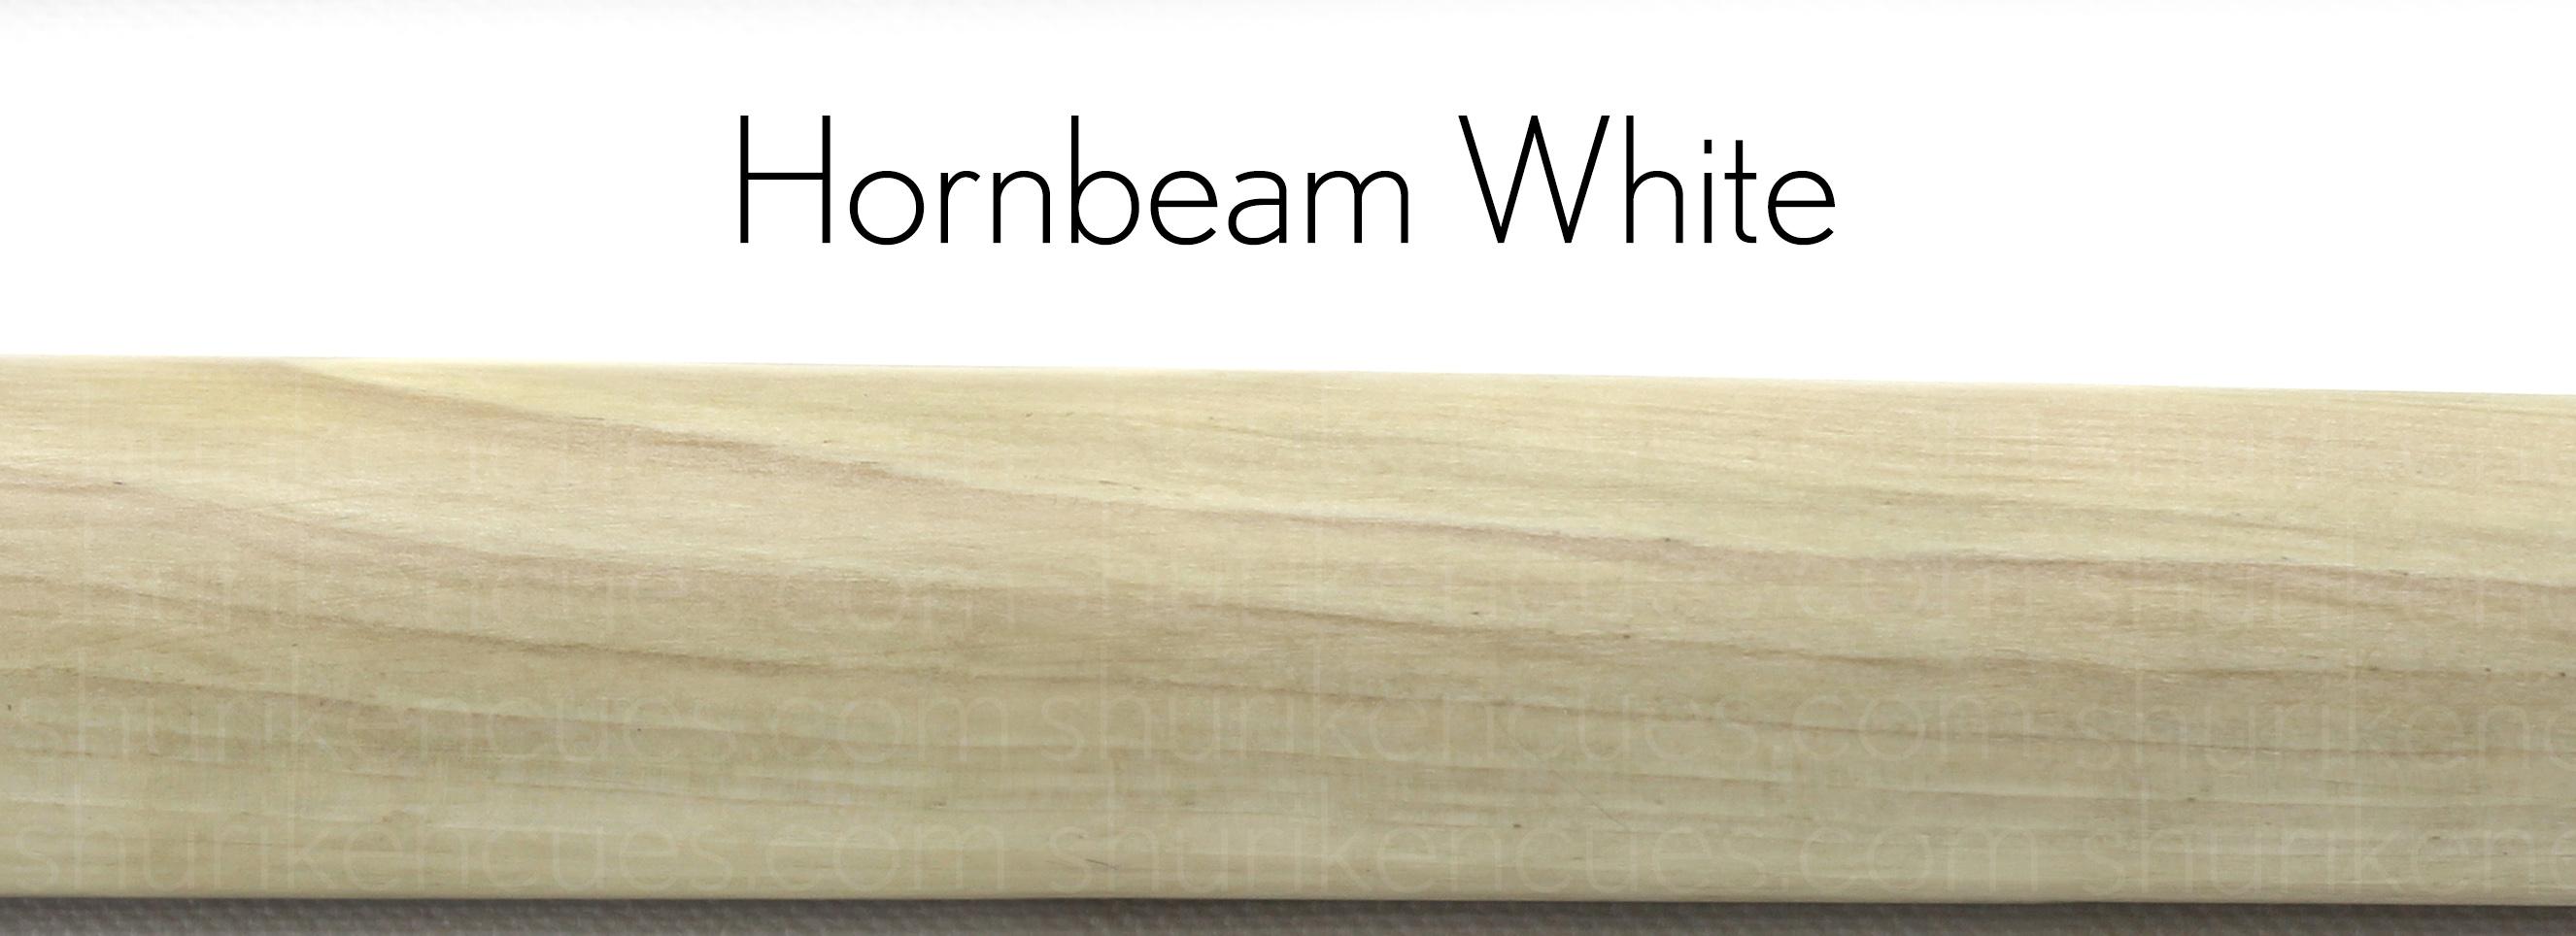 Hornbeam-white-wood